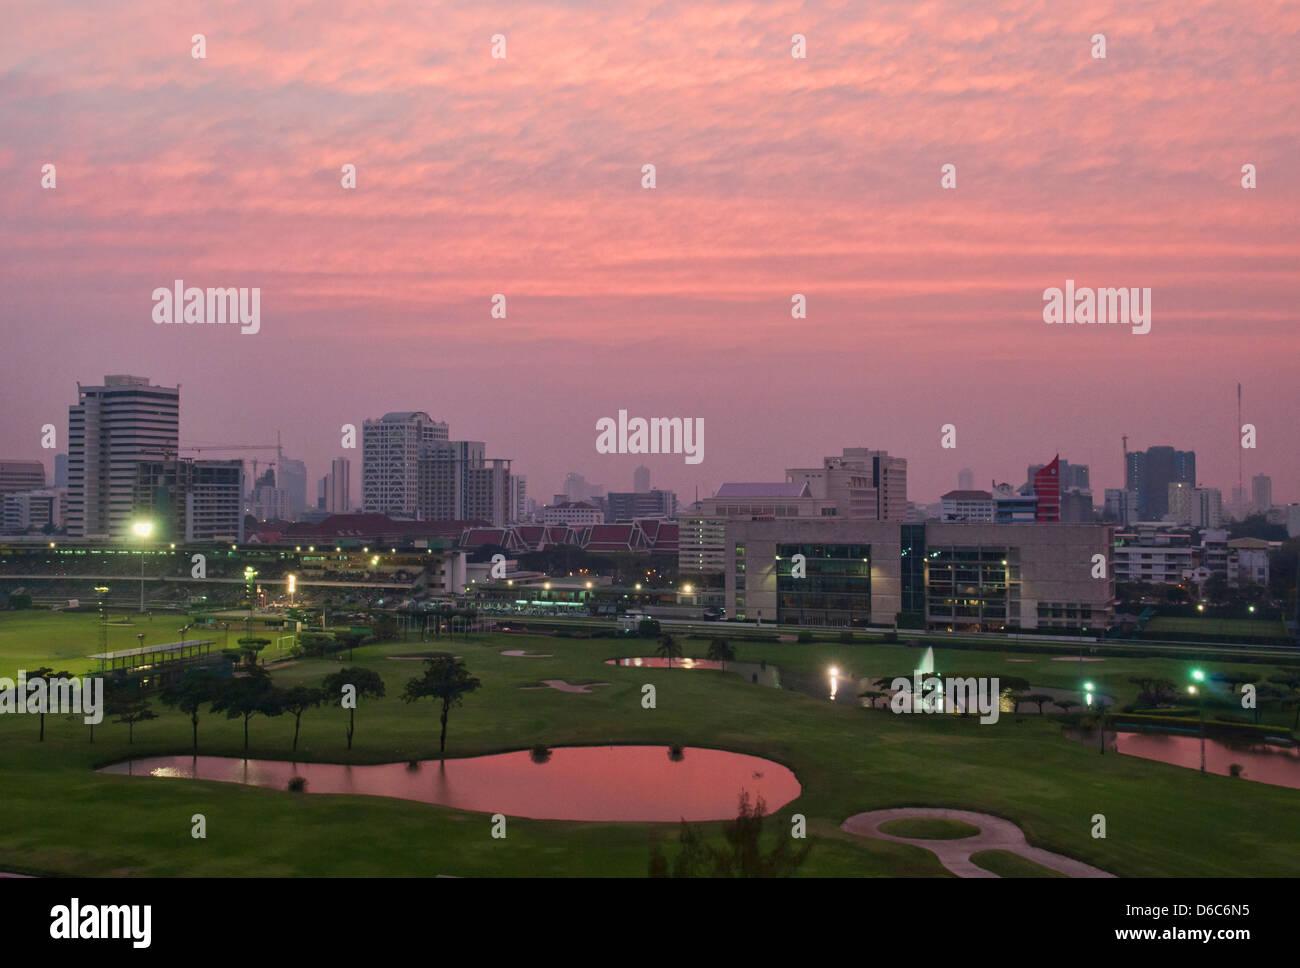 The Royal Bangkok Sports Club at sunset - Stock Image